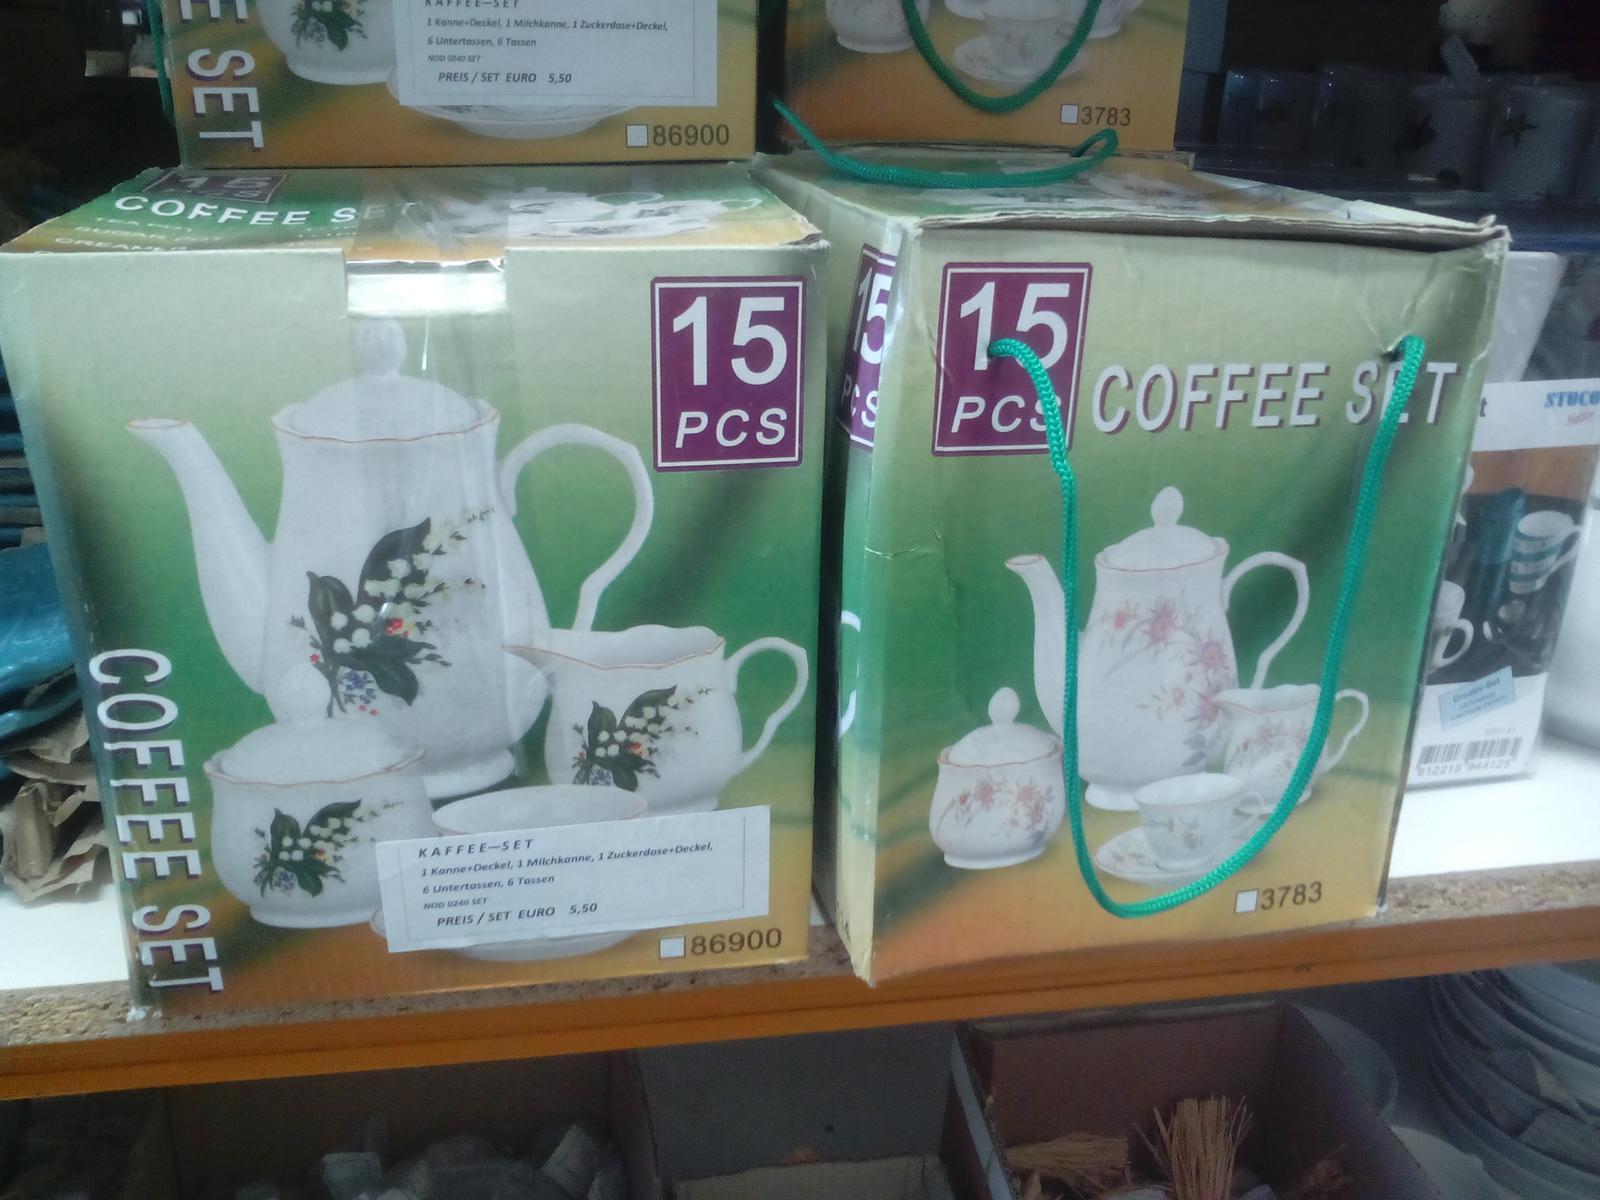 Kráľovstvo gombíkov (a aj všetkého iného) - Dnes som objavil takéto pekné súpravy na kávu z čínskeho porcelánu. 6 tanierikov, 6 šálok, konvička na kávu s vrchnákom, cukrenka s vrchnákom a konvička na mlieko. To všetko za 5,50€